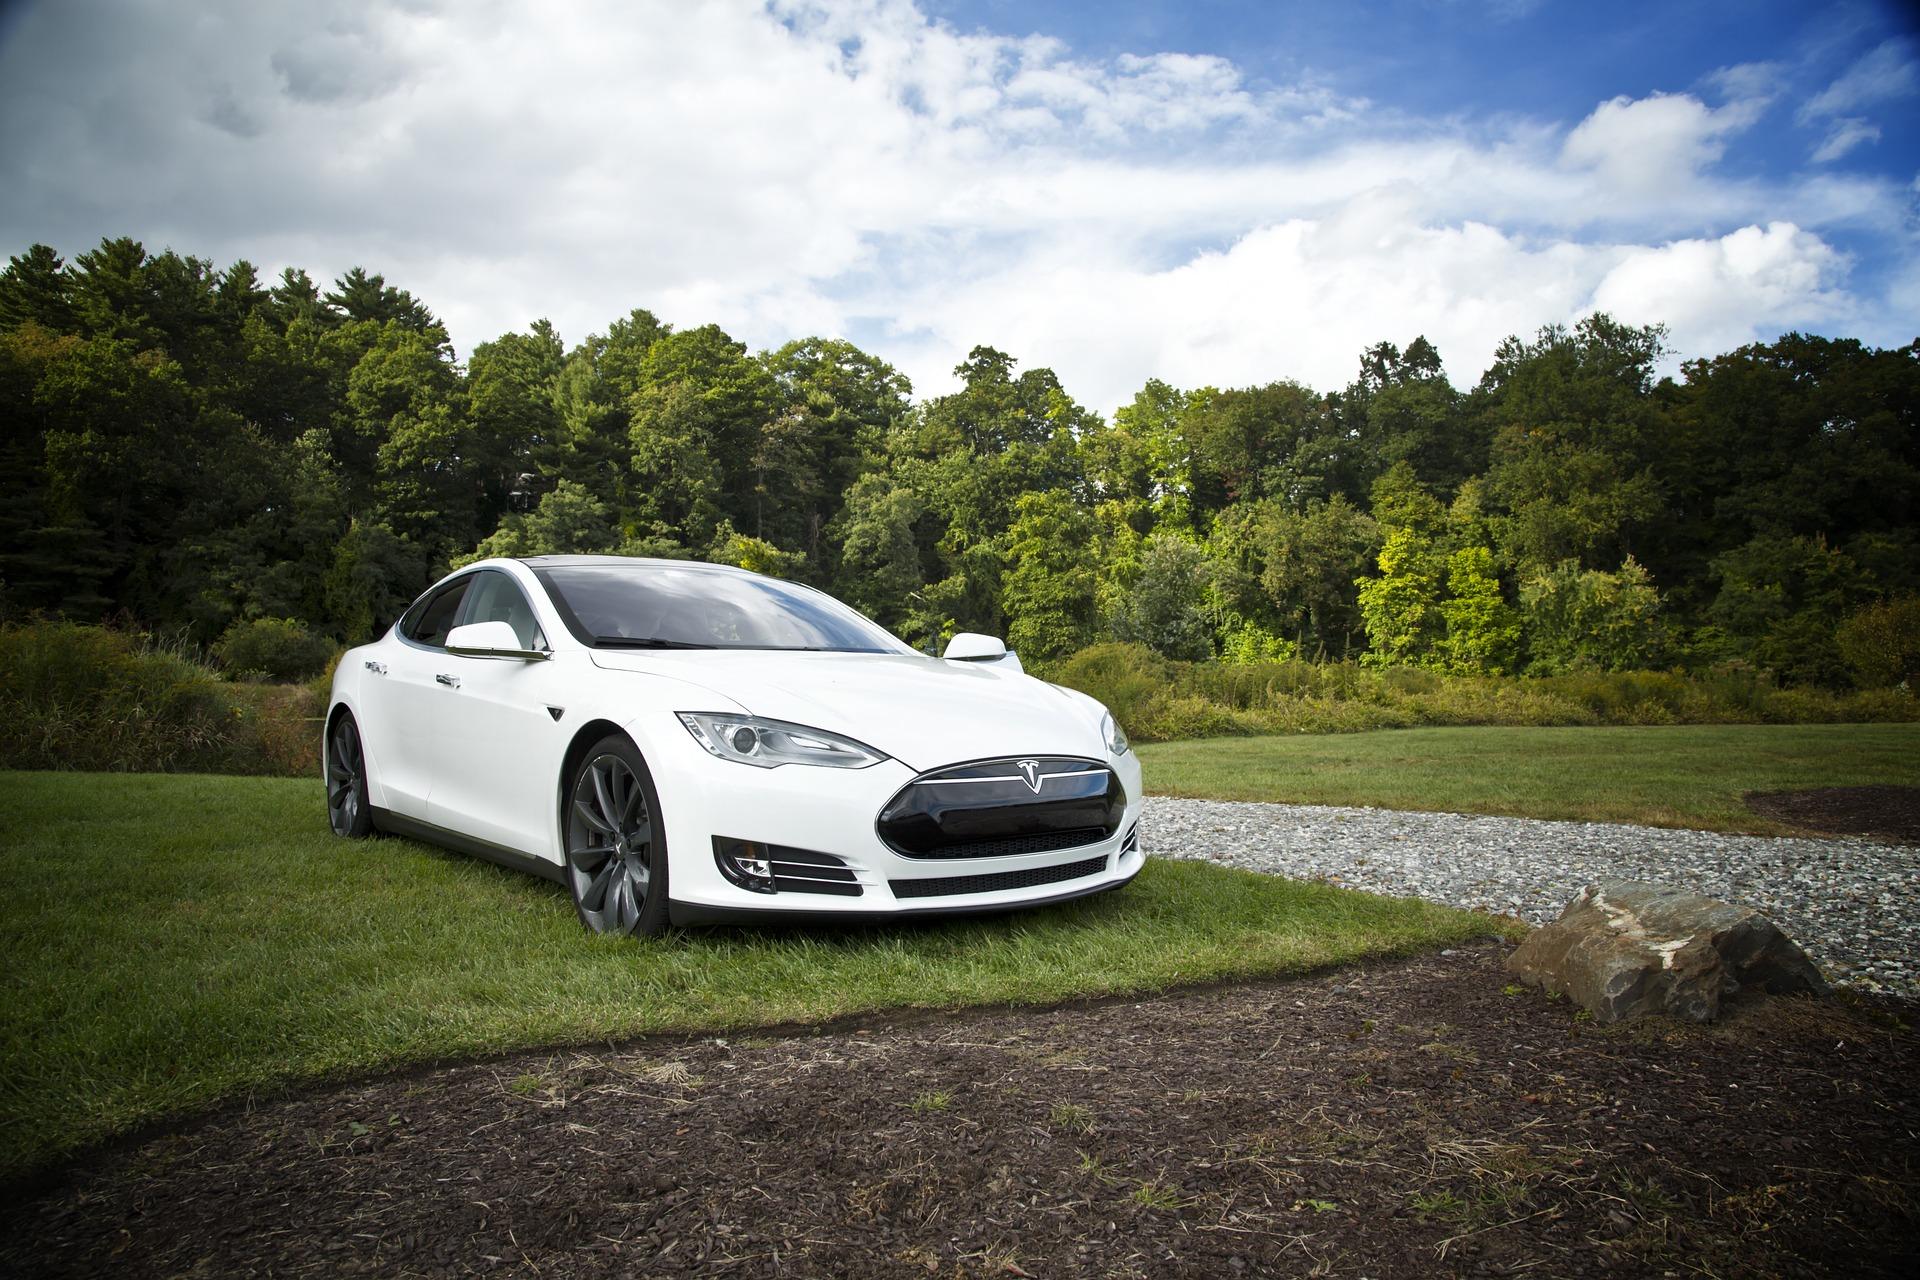 coche de conducción semi-autónoma o autónoma